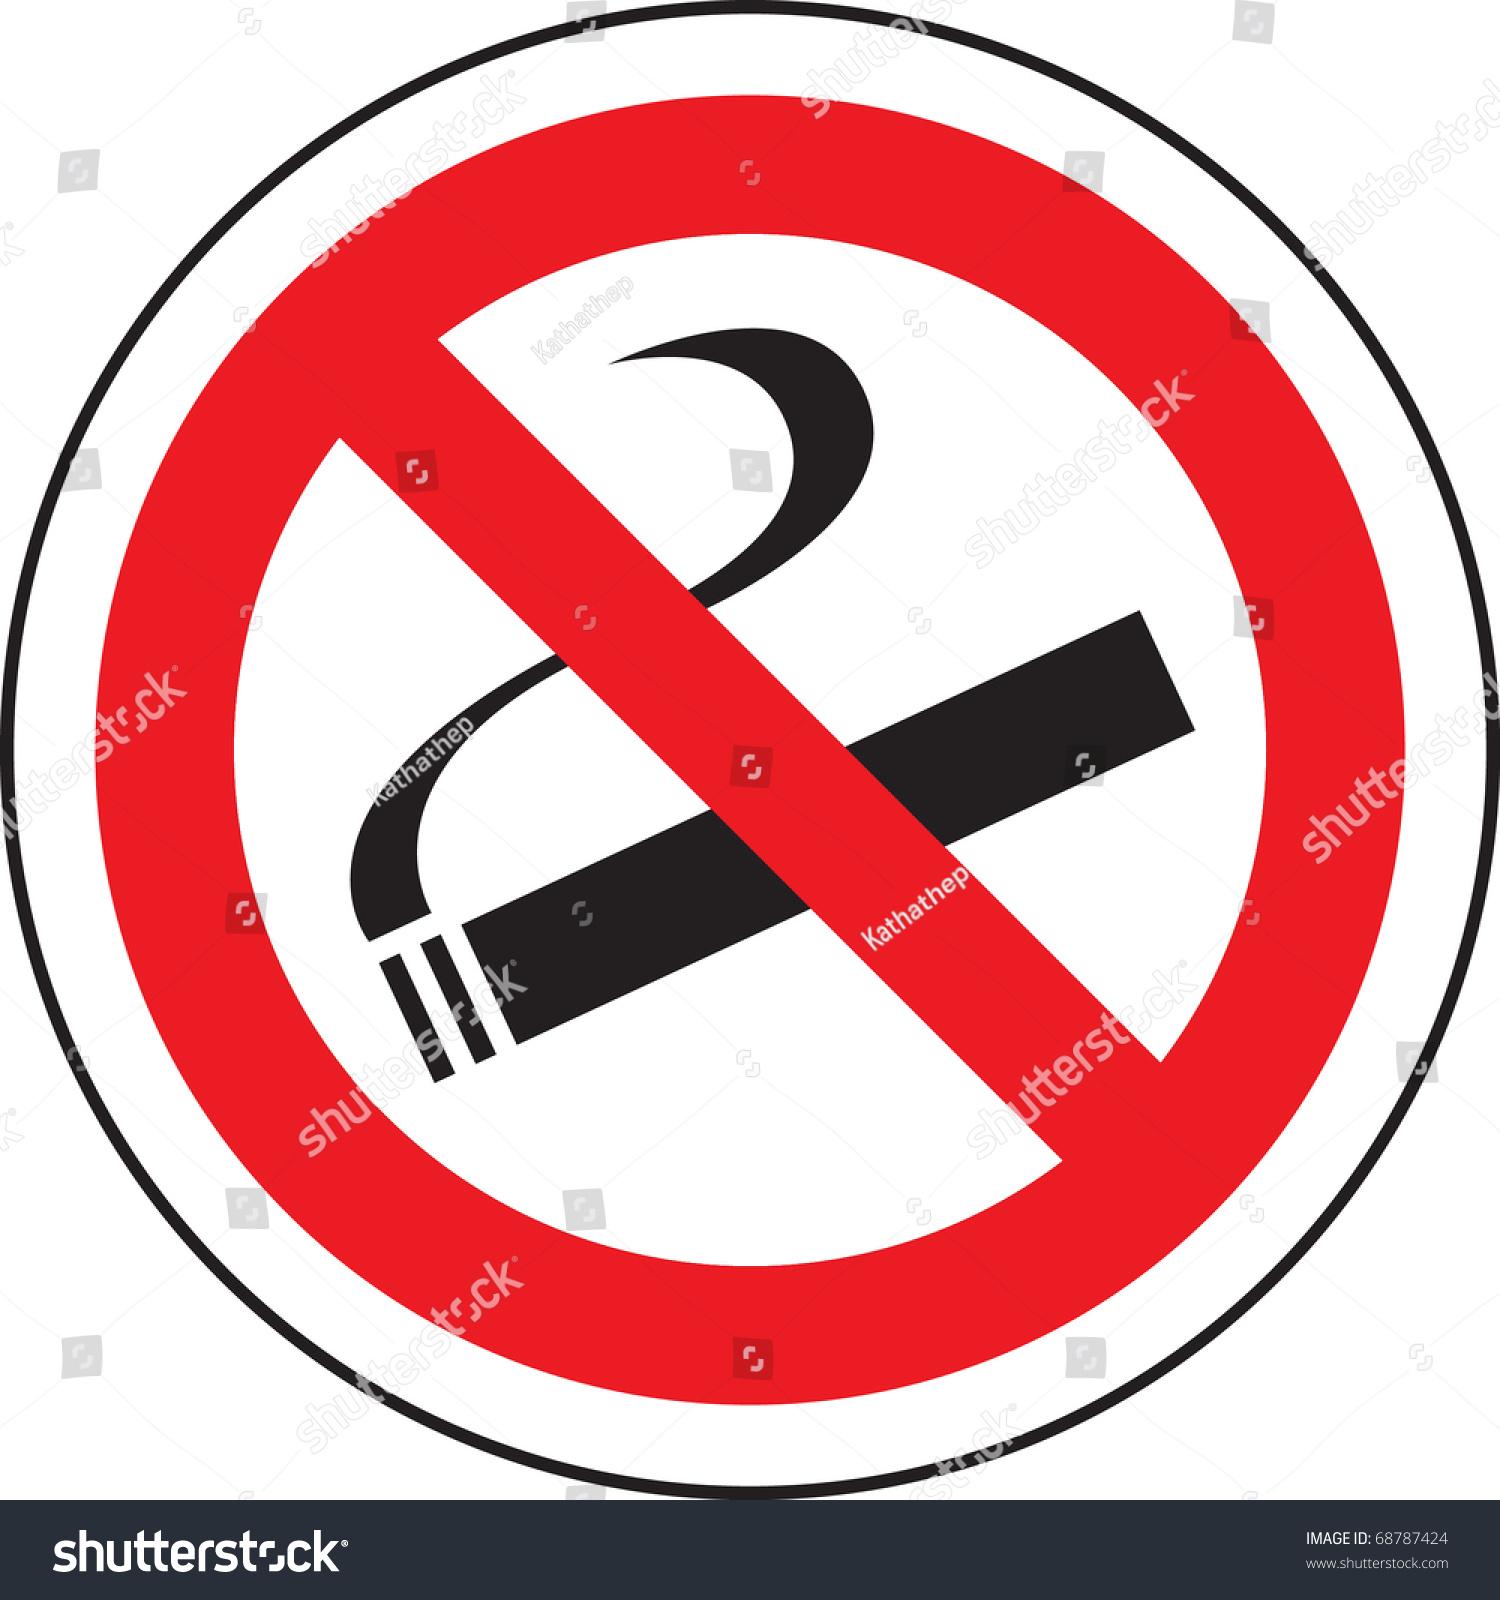 No Smoking Sign Stock Vector Illustration 68787424 : Shutterstock